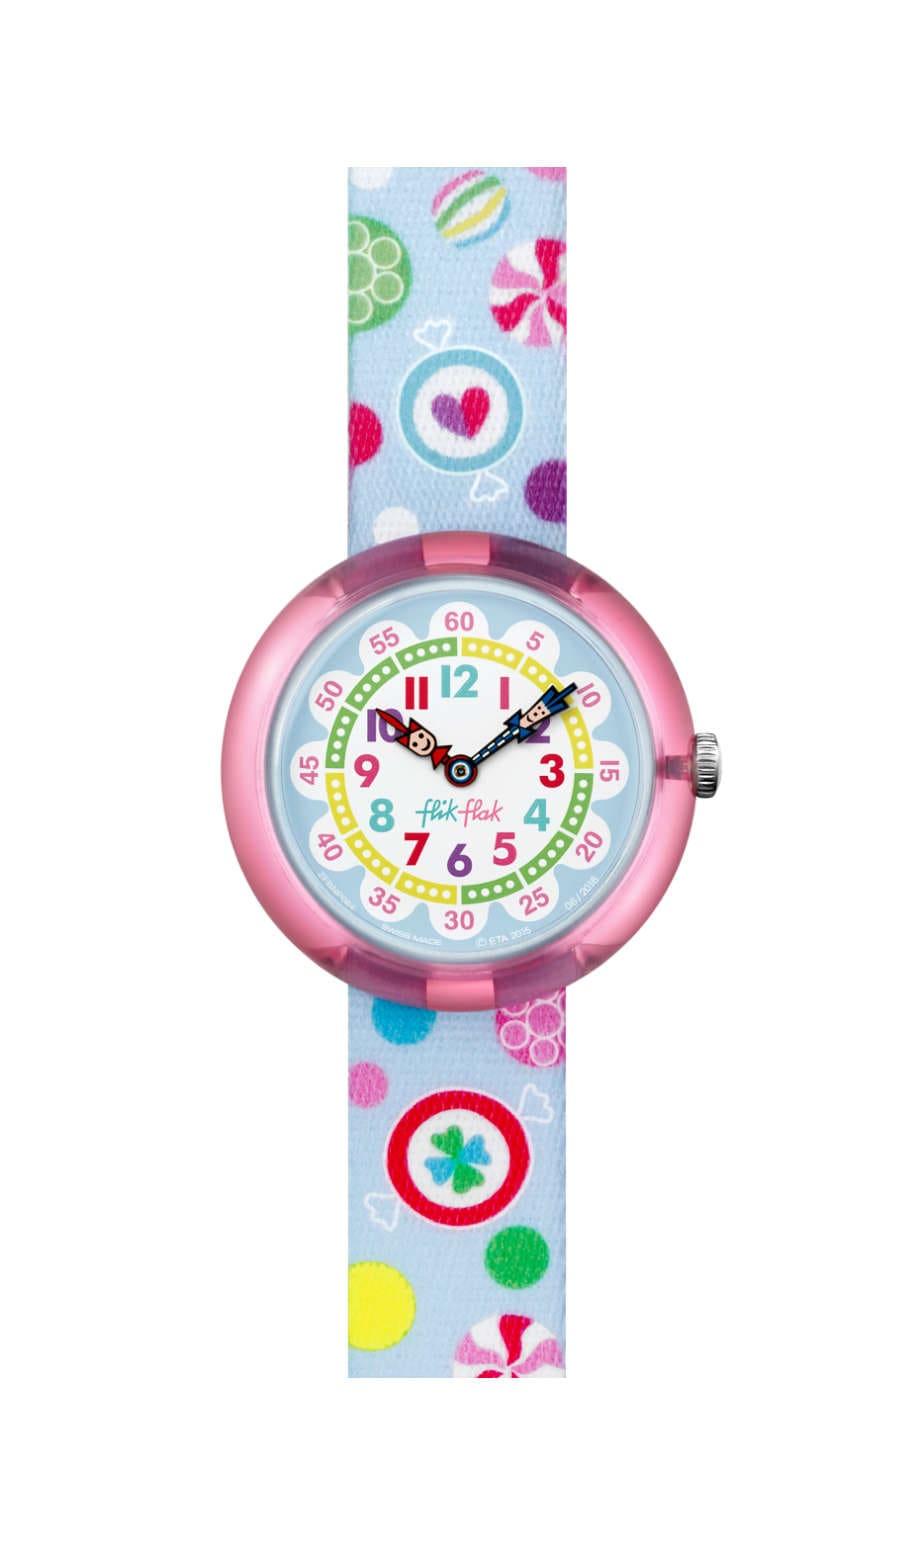 Swatch - SUGAR BUNCHY - 1